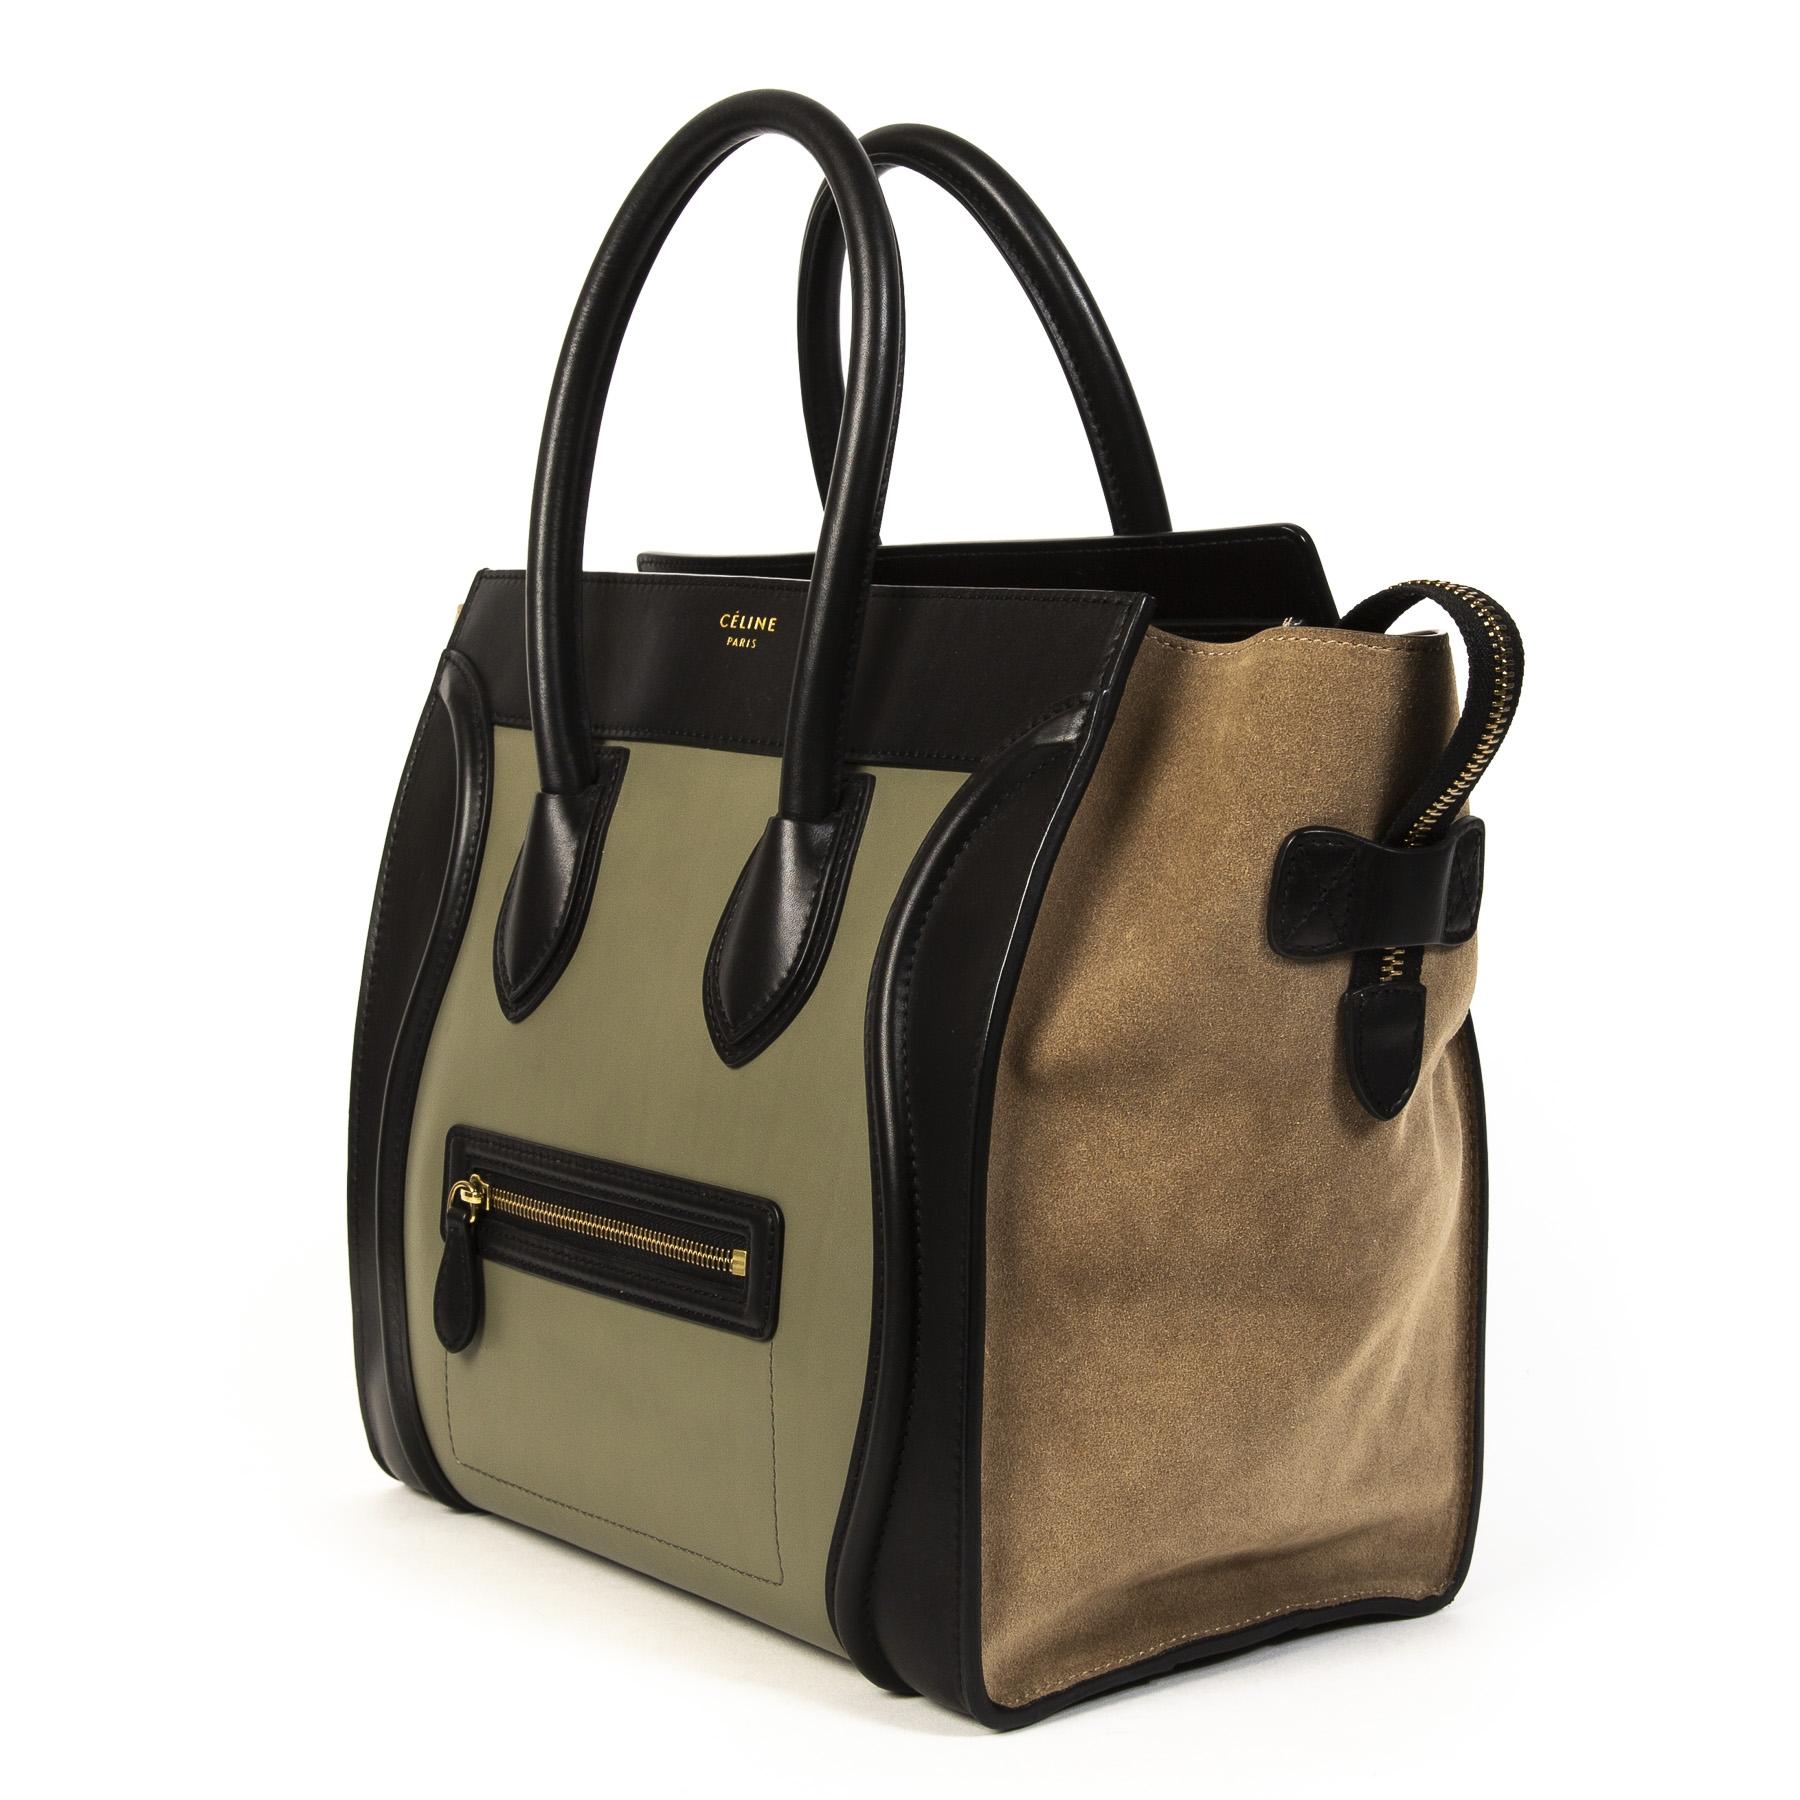 Celine Luggage Black Green and Beige Tricolor Handbag